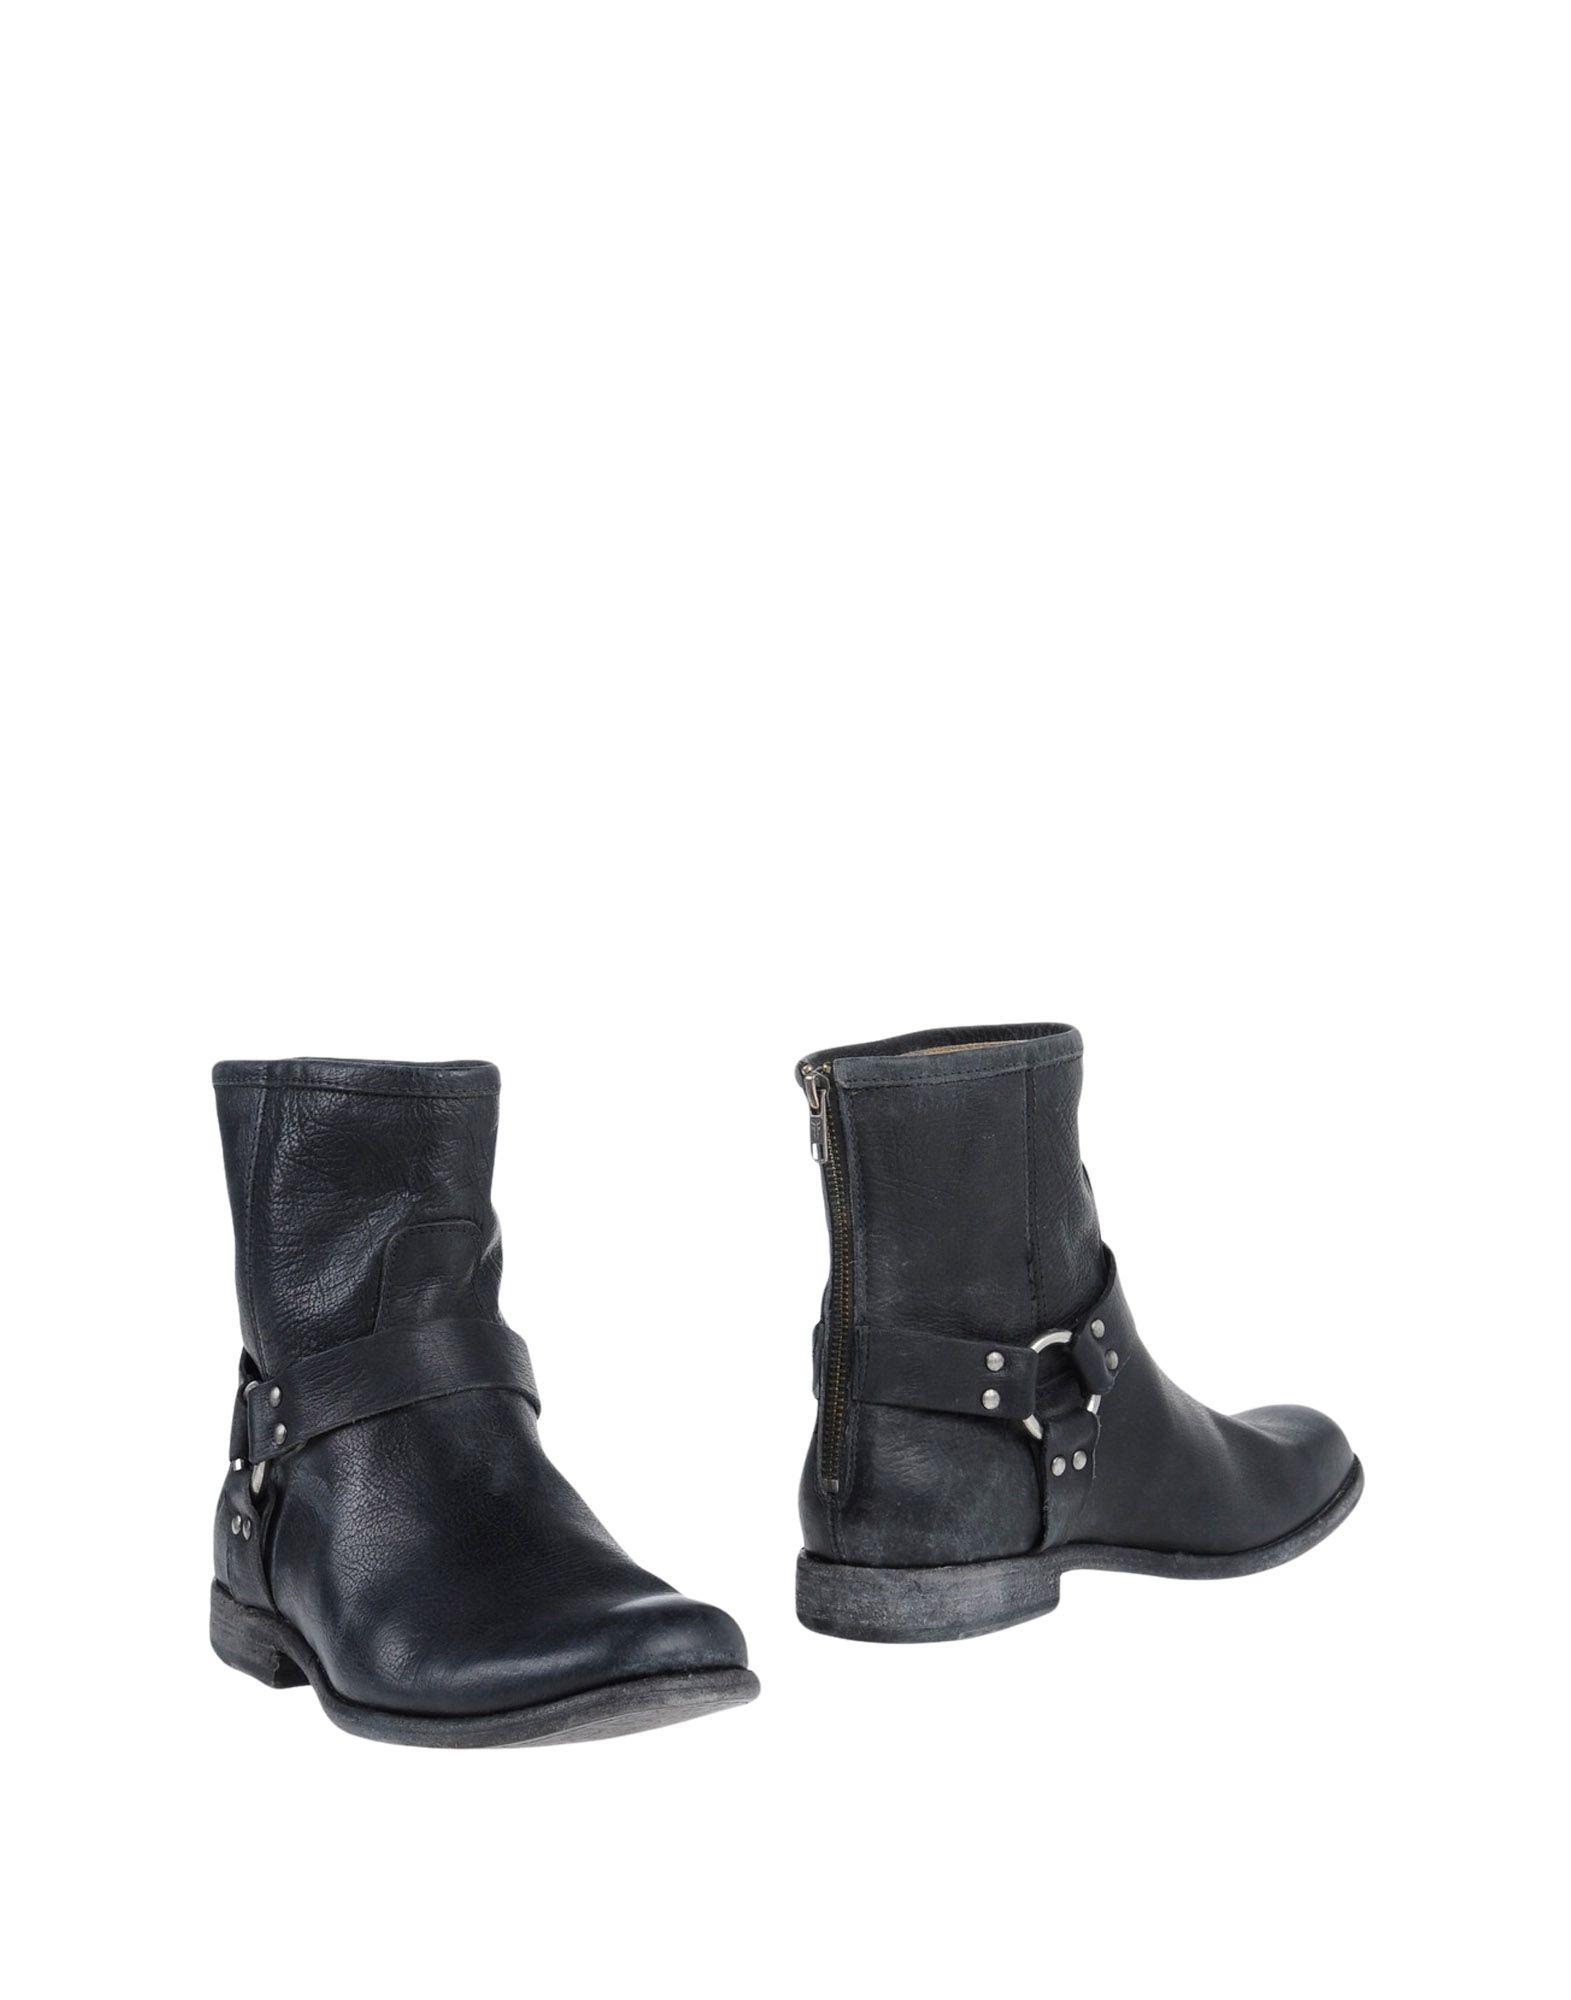 Frye Stiefelette Damen Schuhe  11022344SSGut aussehende strapazierfähige Schuhe Damen 71cd64